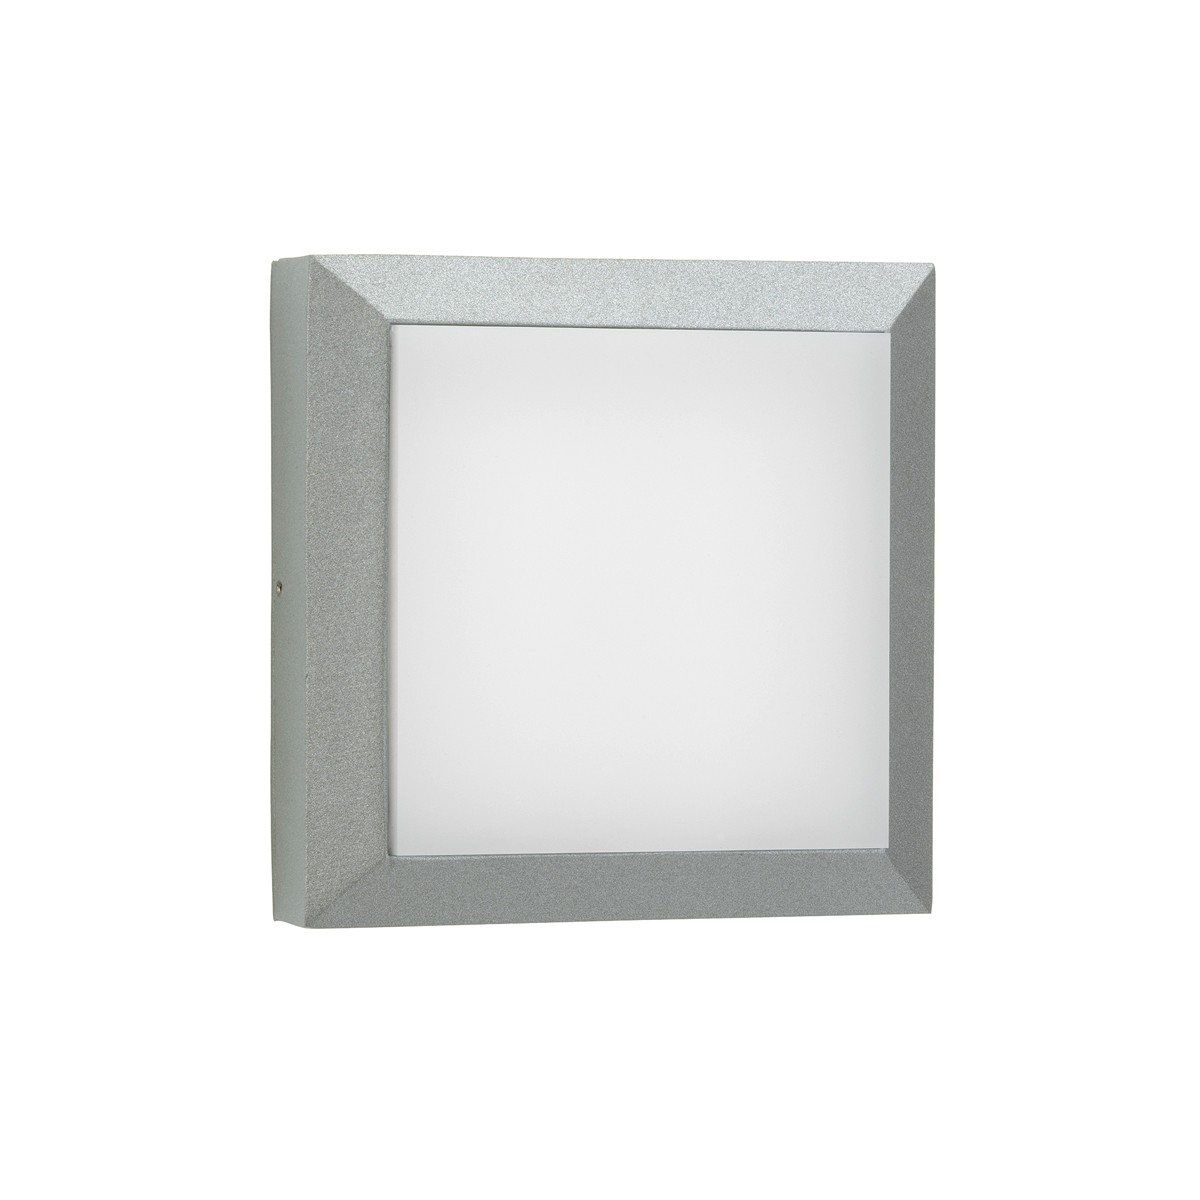 Albert 6560 LED Wand- / Deckenleuchte, Silber